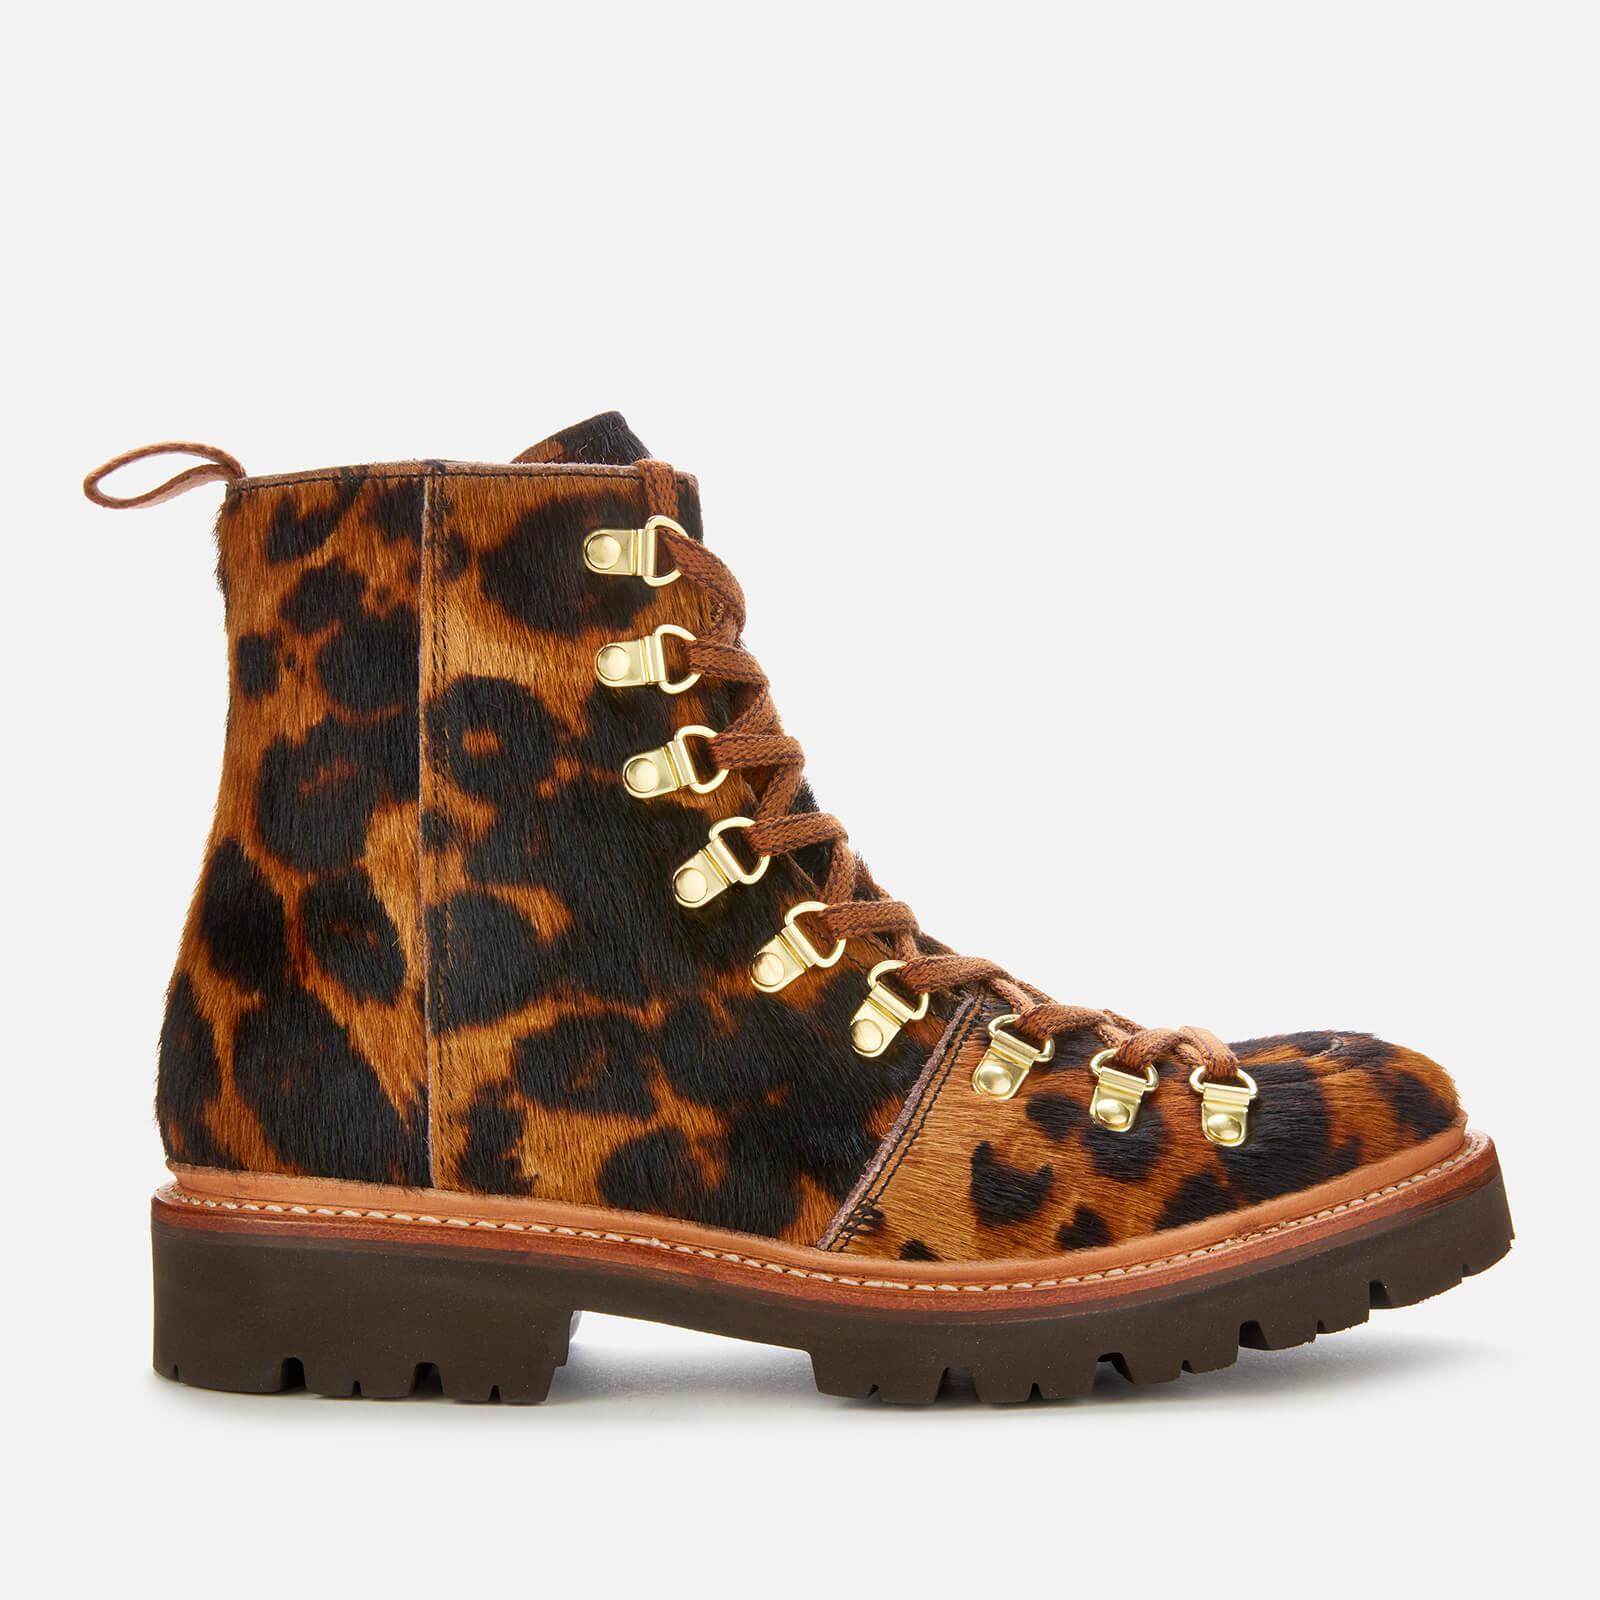 leopard print hiking boots